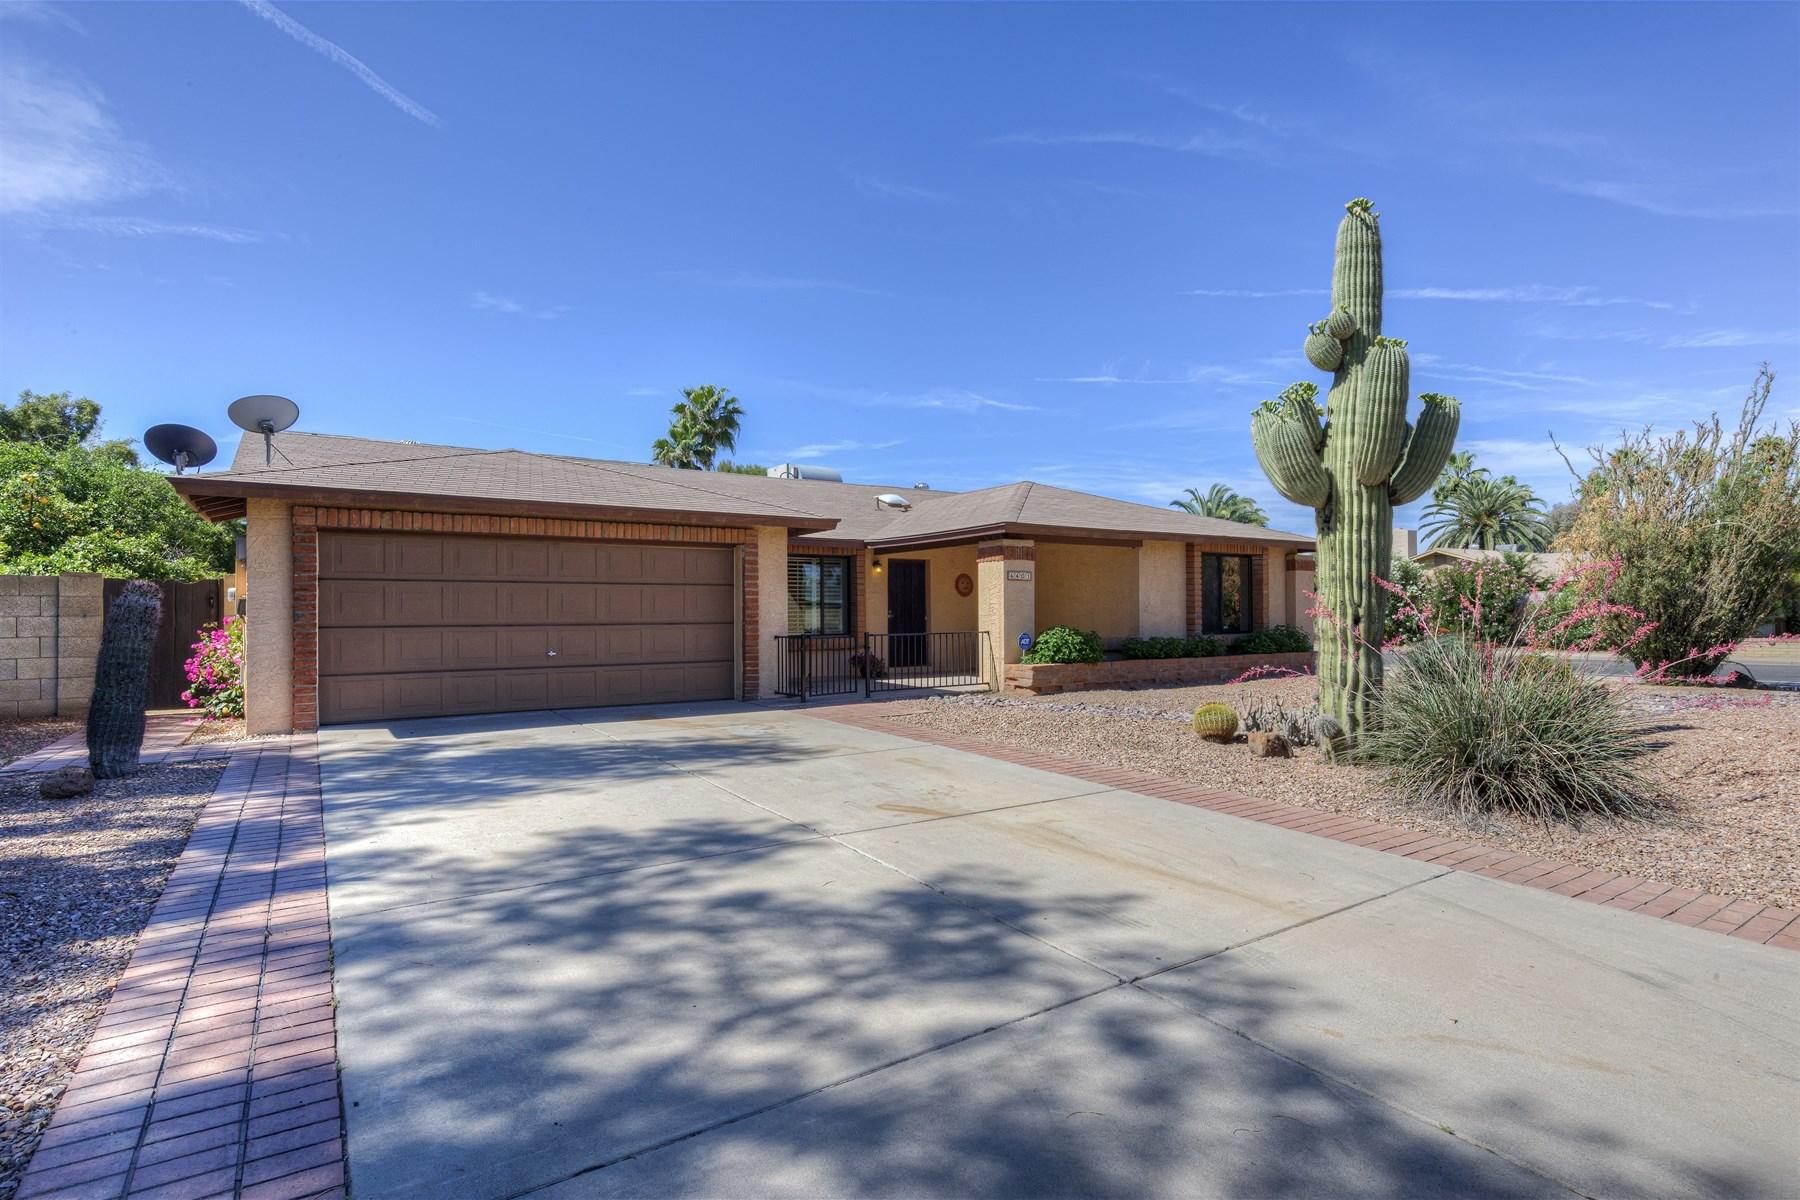 Maison unifamiliale pour l Vente à Recently updated in 2015 4401 E SHEENA DR Phoenix, Arizona 85032 États-Unis